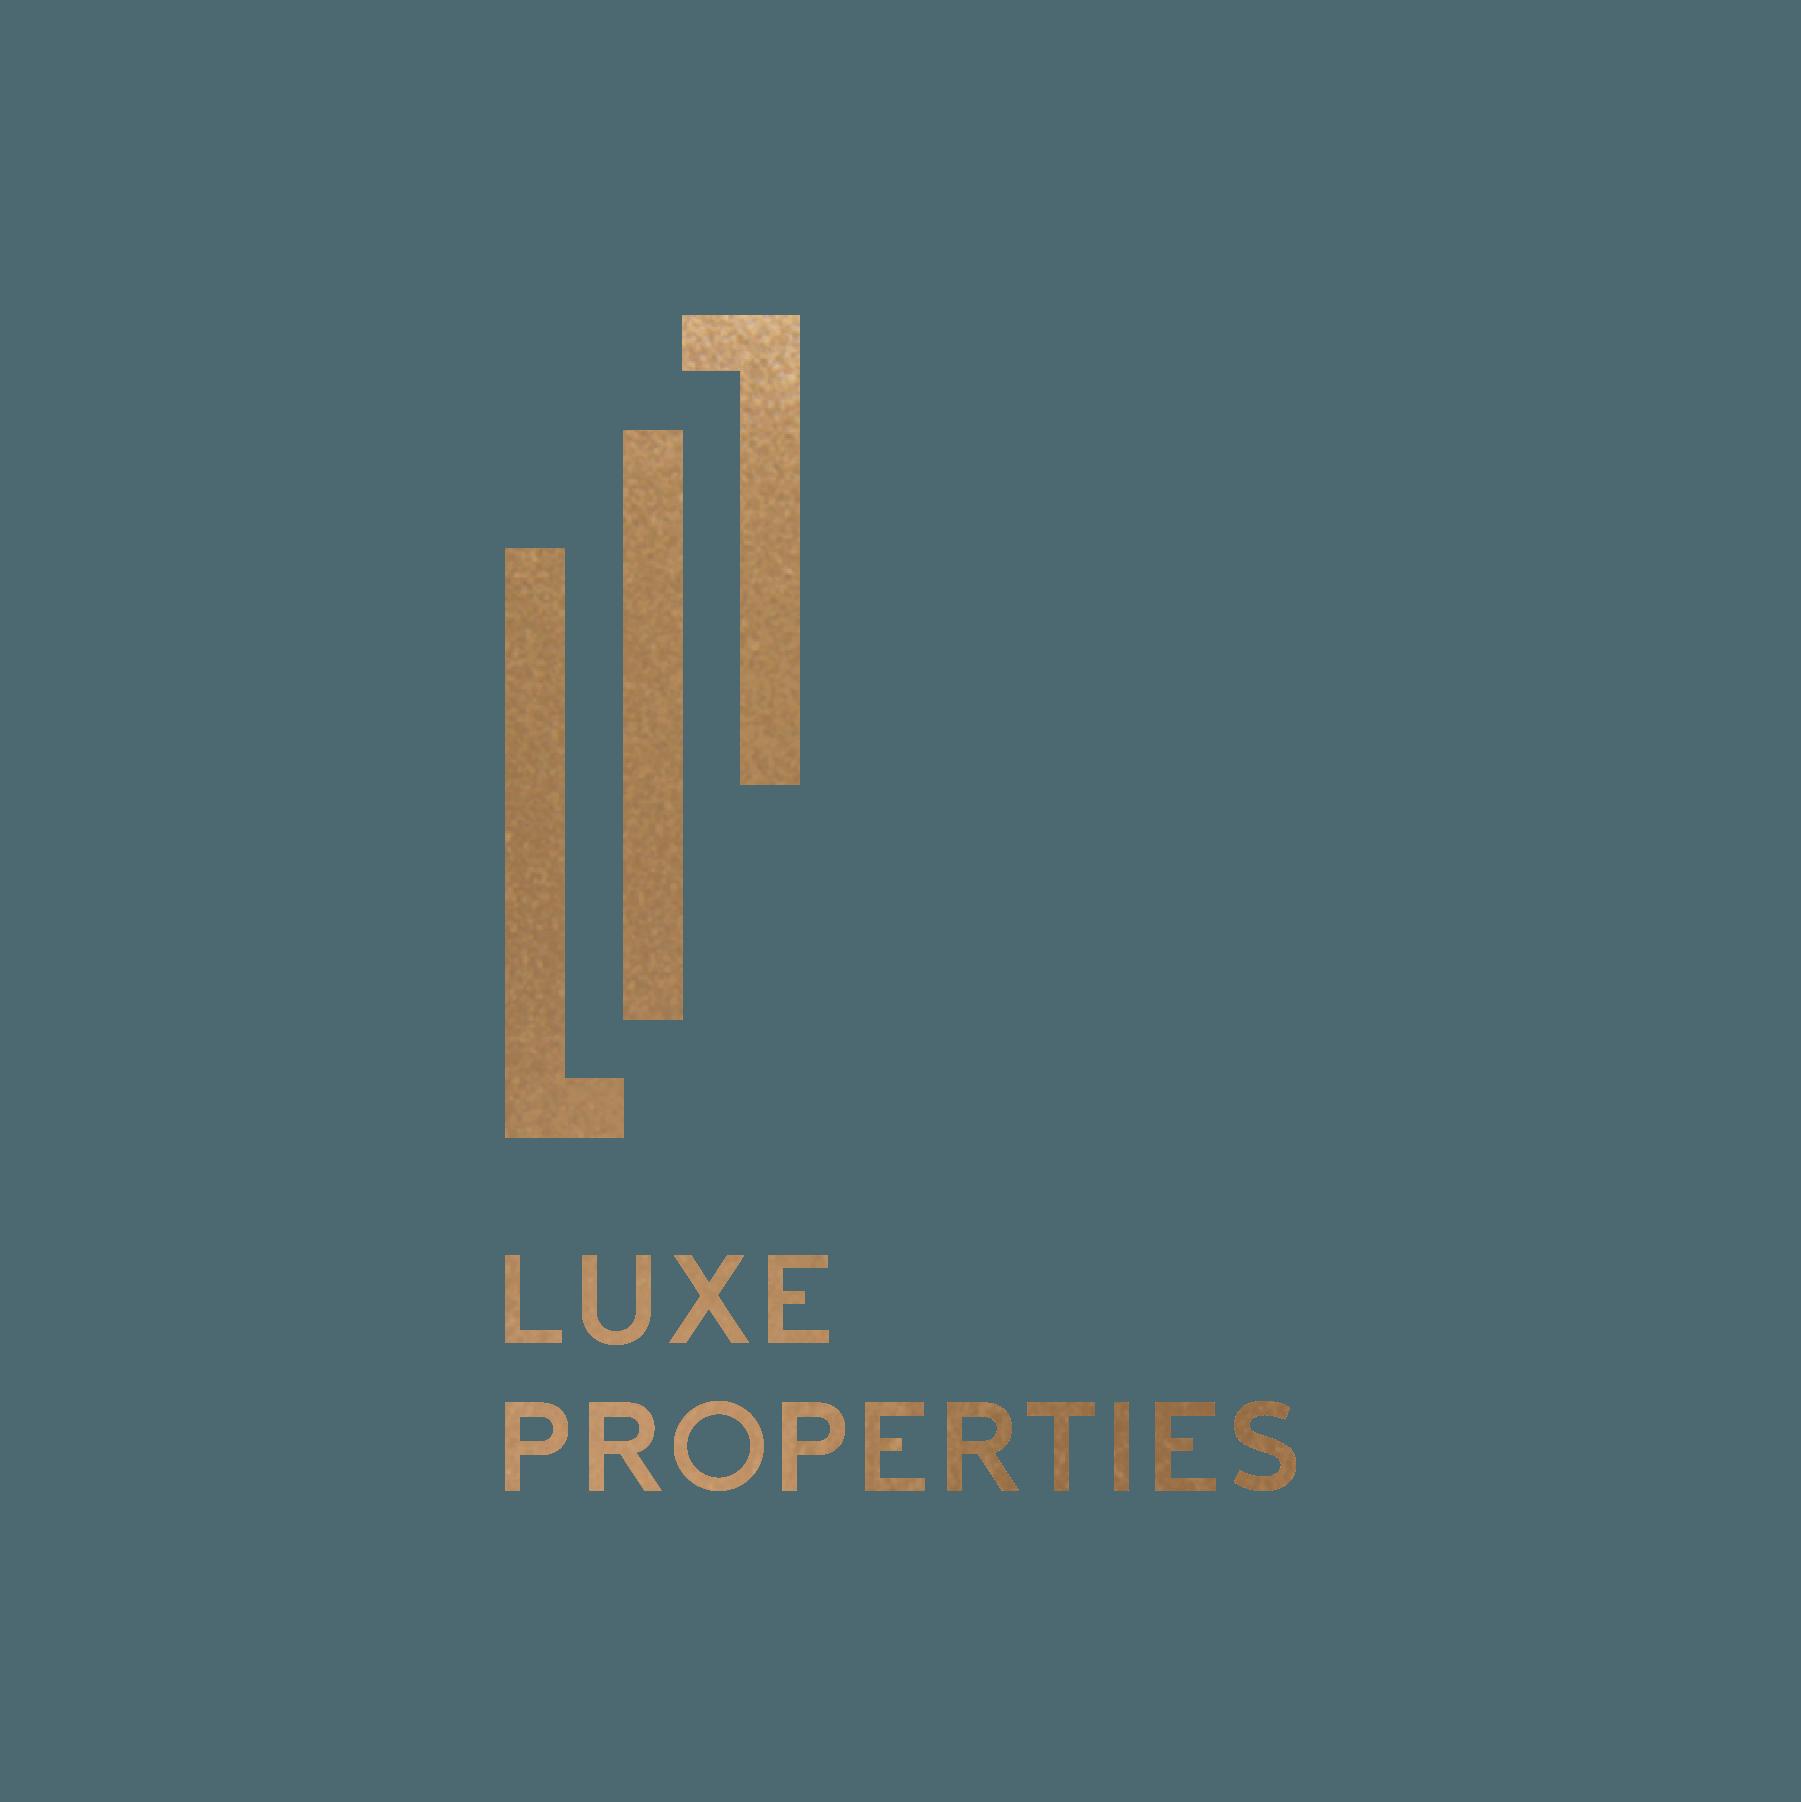 Luxe Properties